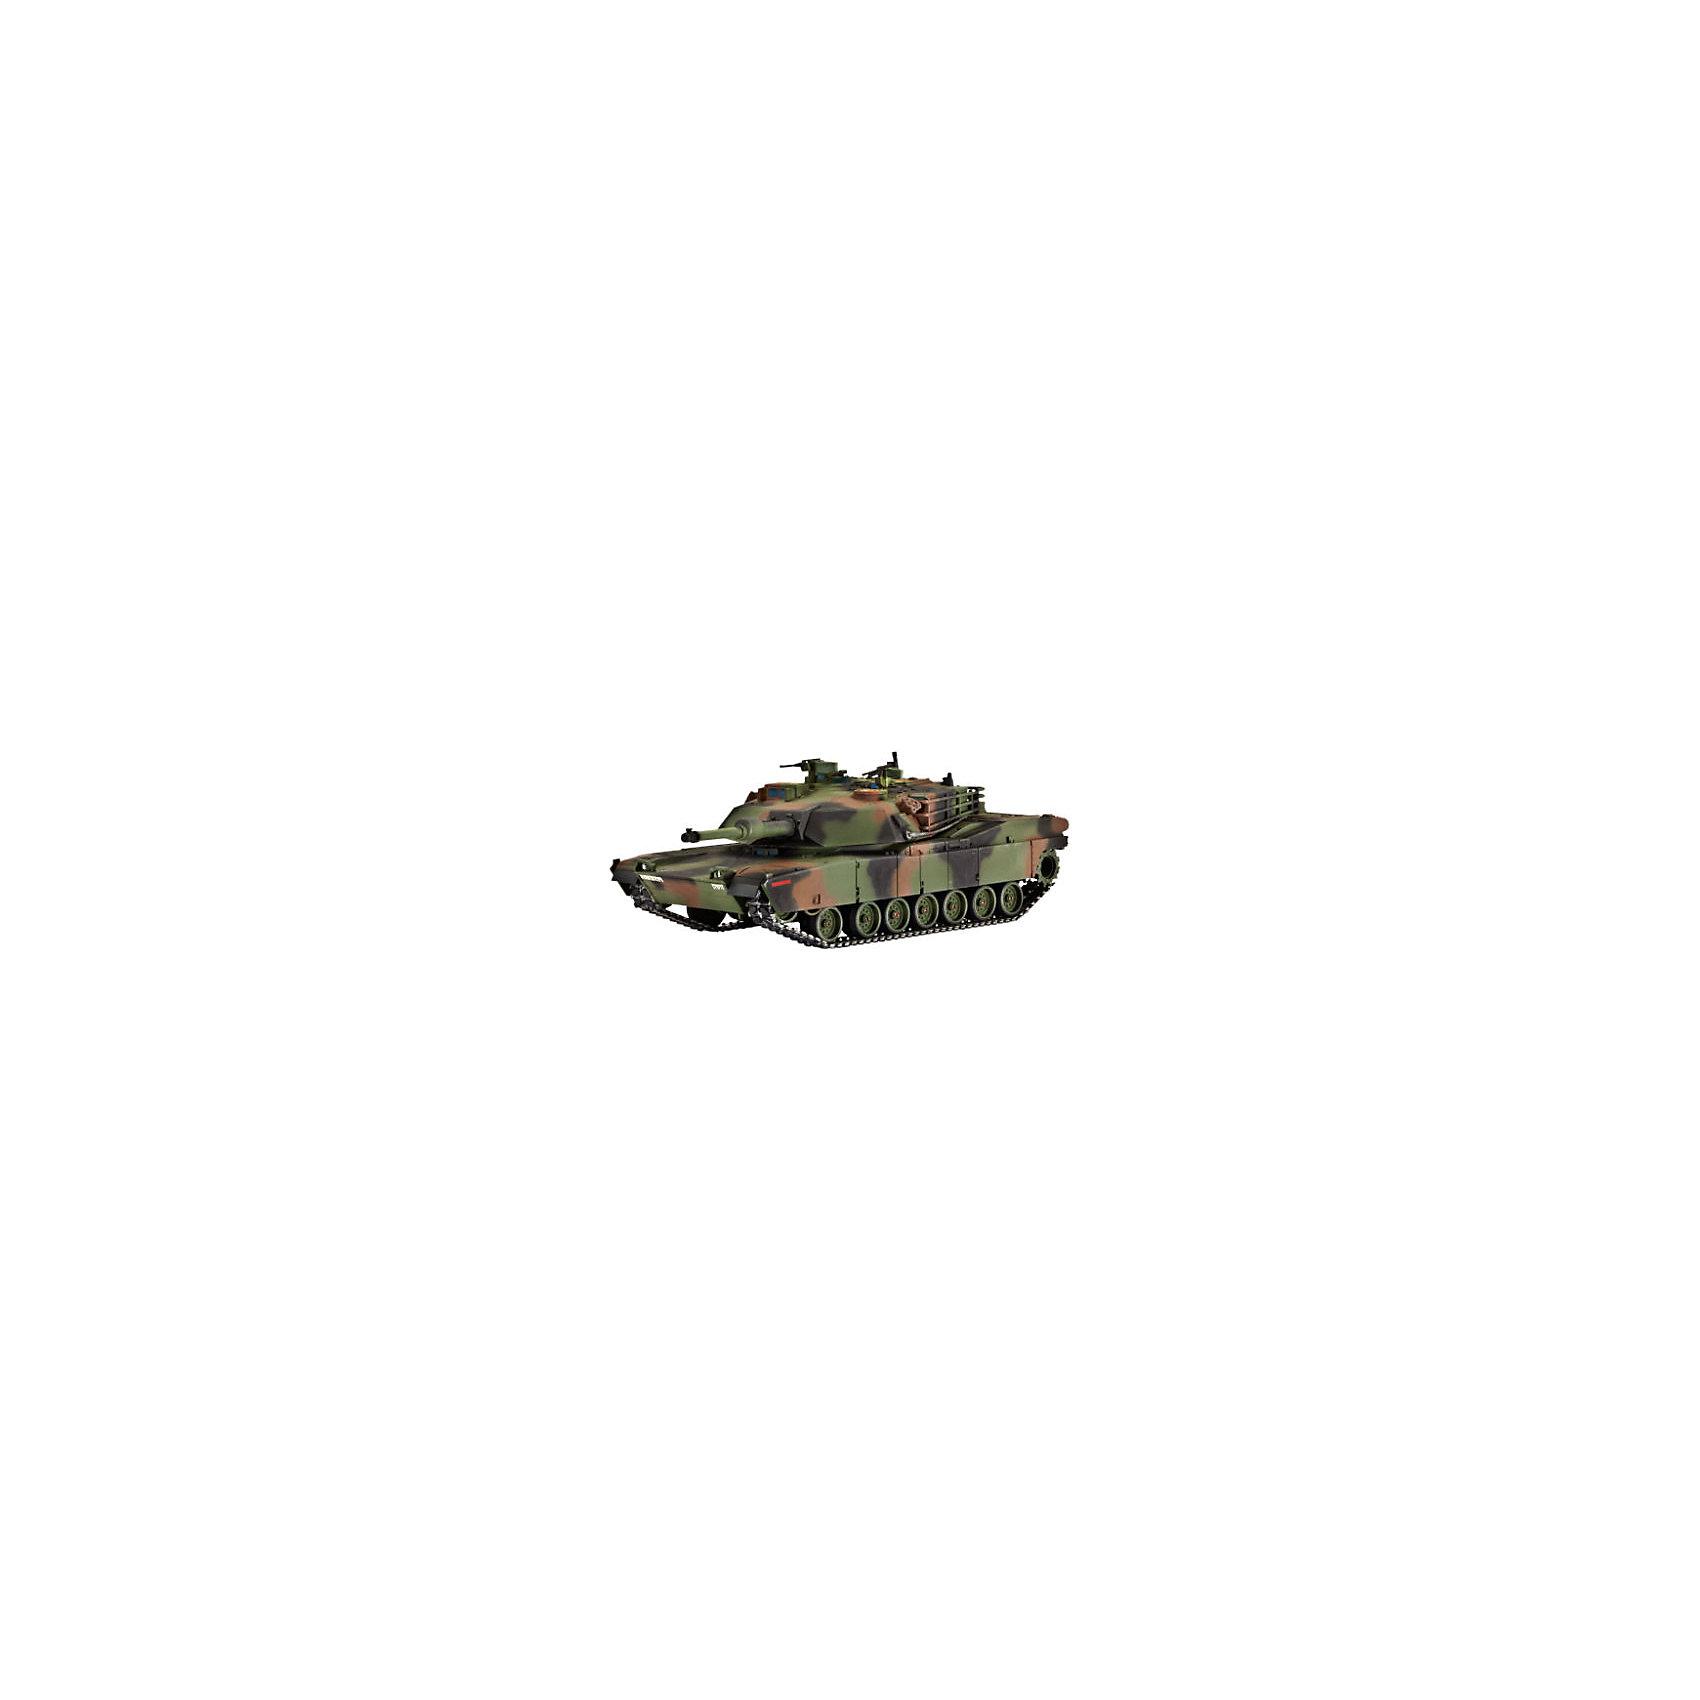 Танк M 1 A1 (HA) AbramsМодели для склеивания<br>Сборная модель современного американского танка  M1A1 (HA) Abrams. На данный момент является новейшим танком в армии США. Назван в честь генерала танковых войск Крейтона Абрамса – участника Второй мировой и войны во Вьетнаме. Серийно танк производится с 1980 года. Всего было выпущено около 10 тысяч экземпляров. M1A1 активно применялись во время войны в Персидском заливе, Ираке и Афганистане. Вооружение танка состоит из 120-мм гладкоствольной пушки и двух пулеметов 7,62-мм и 12,7-мм <br>Длина модели: 138мм <br>Масштаб: 1:72 <br>Количество деталей: 113 <br>Уровень сложности сборки: 3 <br>Для детей от 10 лет<br><br>Ширина мм: 9999<br>Глубина мм: 9999<br>Высота мм: 9999<br>Вес г: 9999<br>Возраст от месяцев: 120<br>Возраст до месяцев: 2147483647<br>Пол: Мужской<br>Возраст: Детский<br>SKU: 7122377